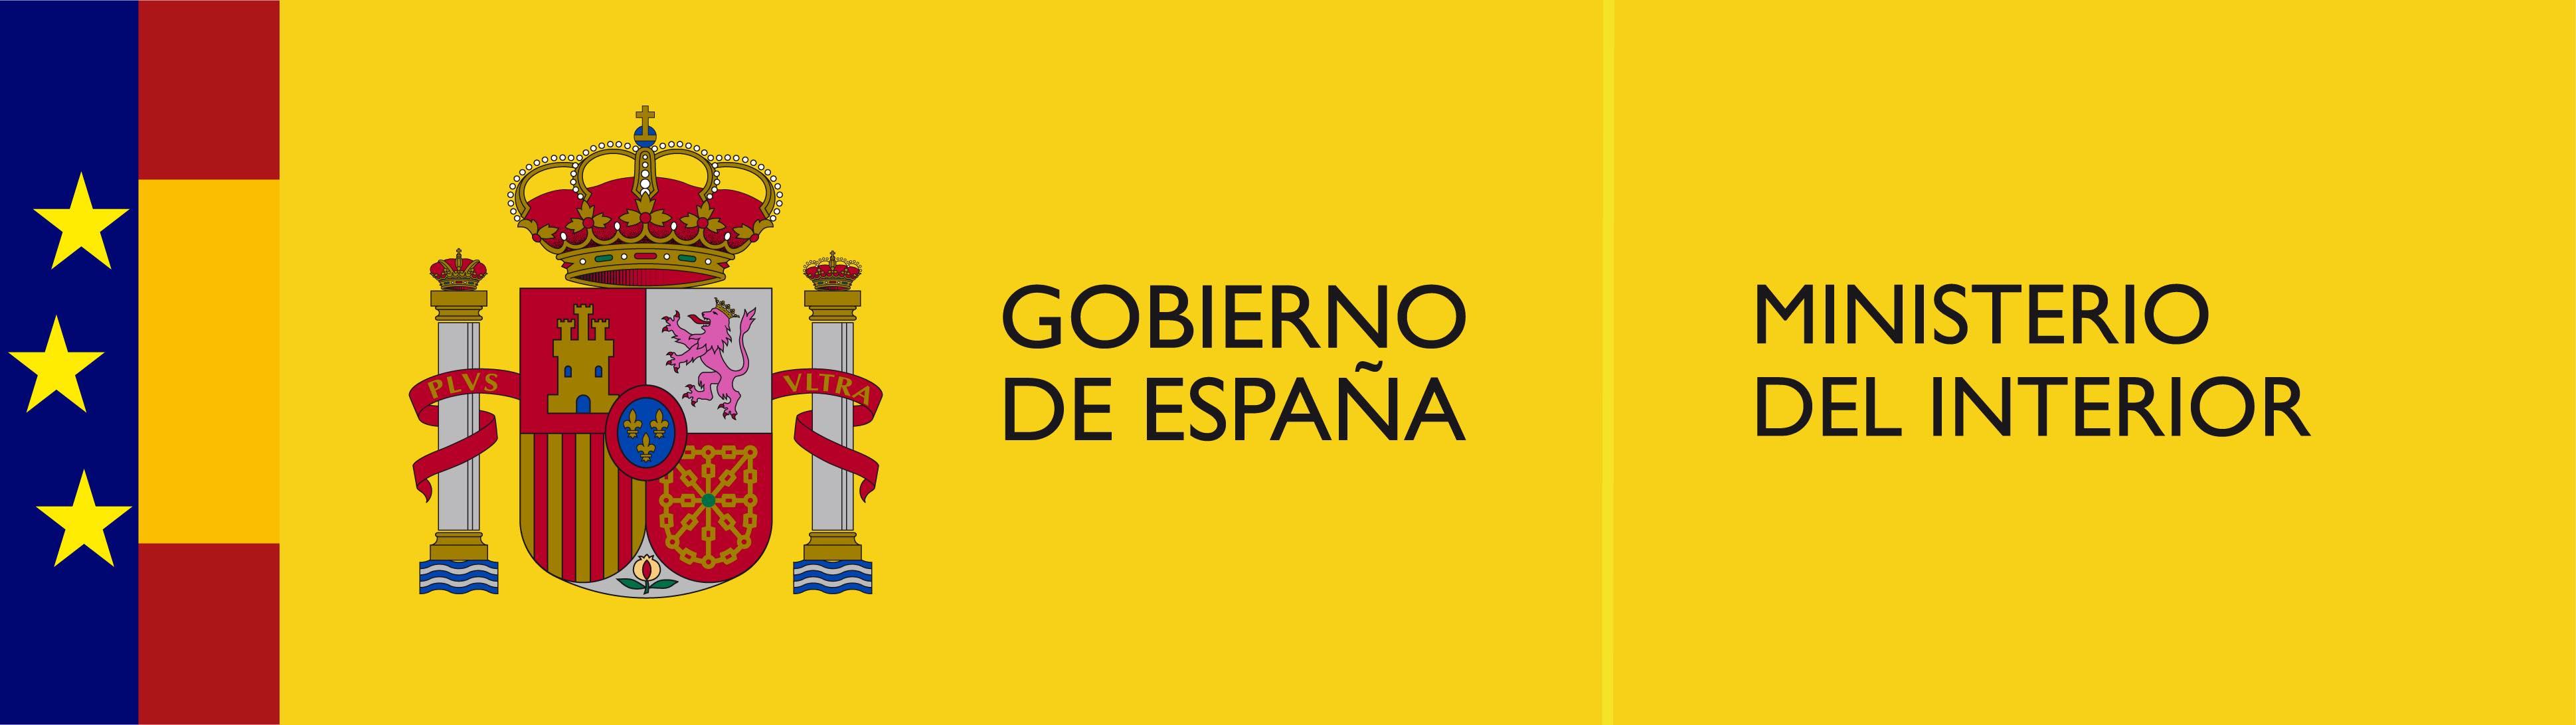 Certificaciones grupo orbe telecomunicaciones energ a for Turnos ministerio del interior legalizaciones